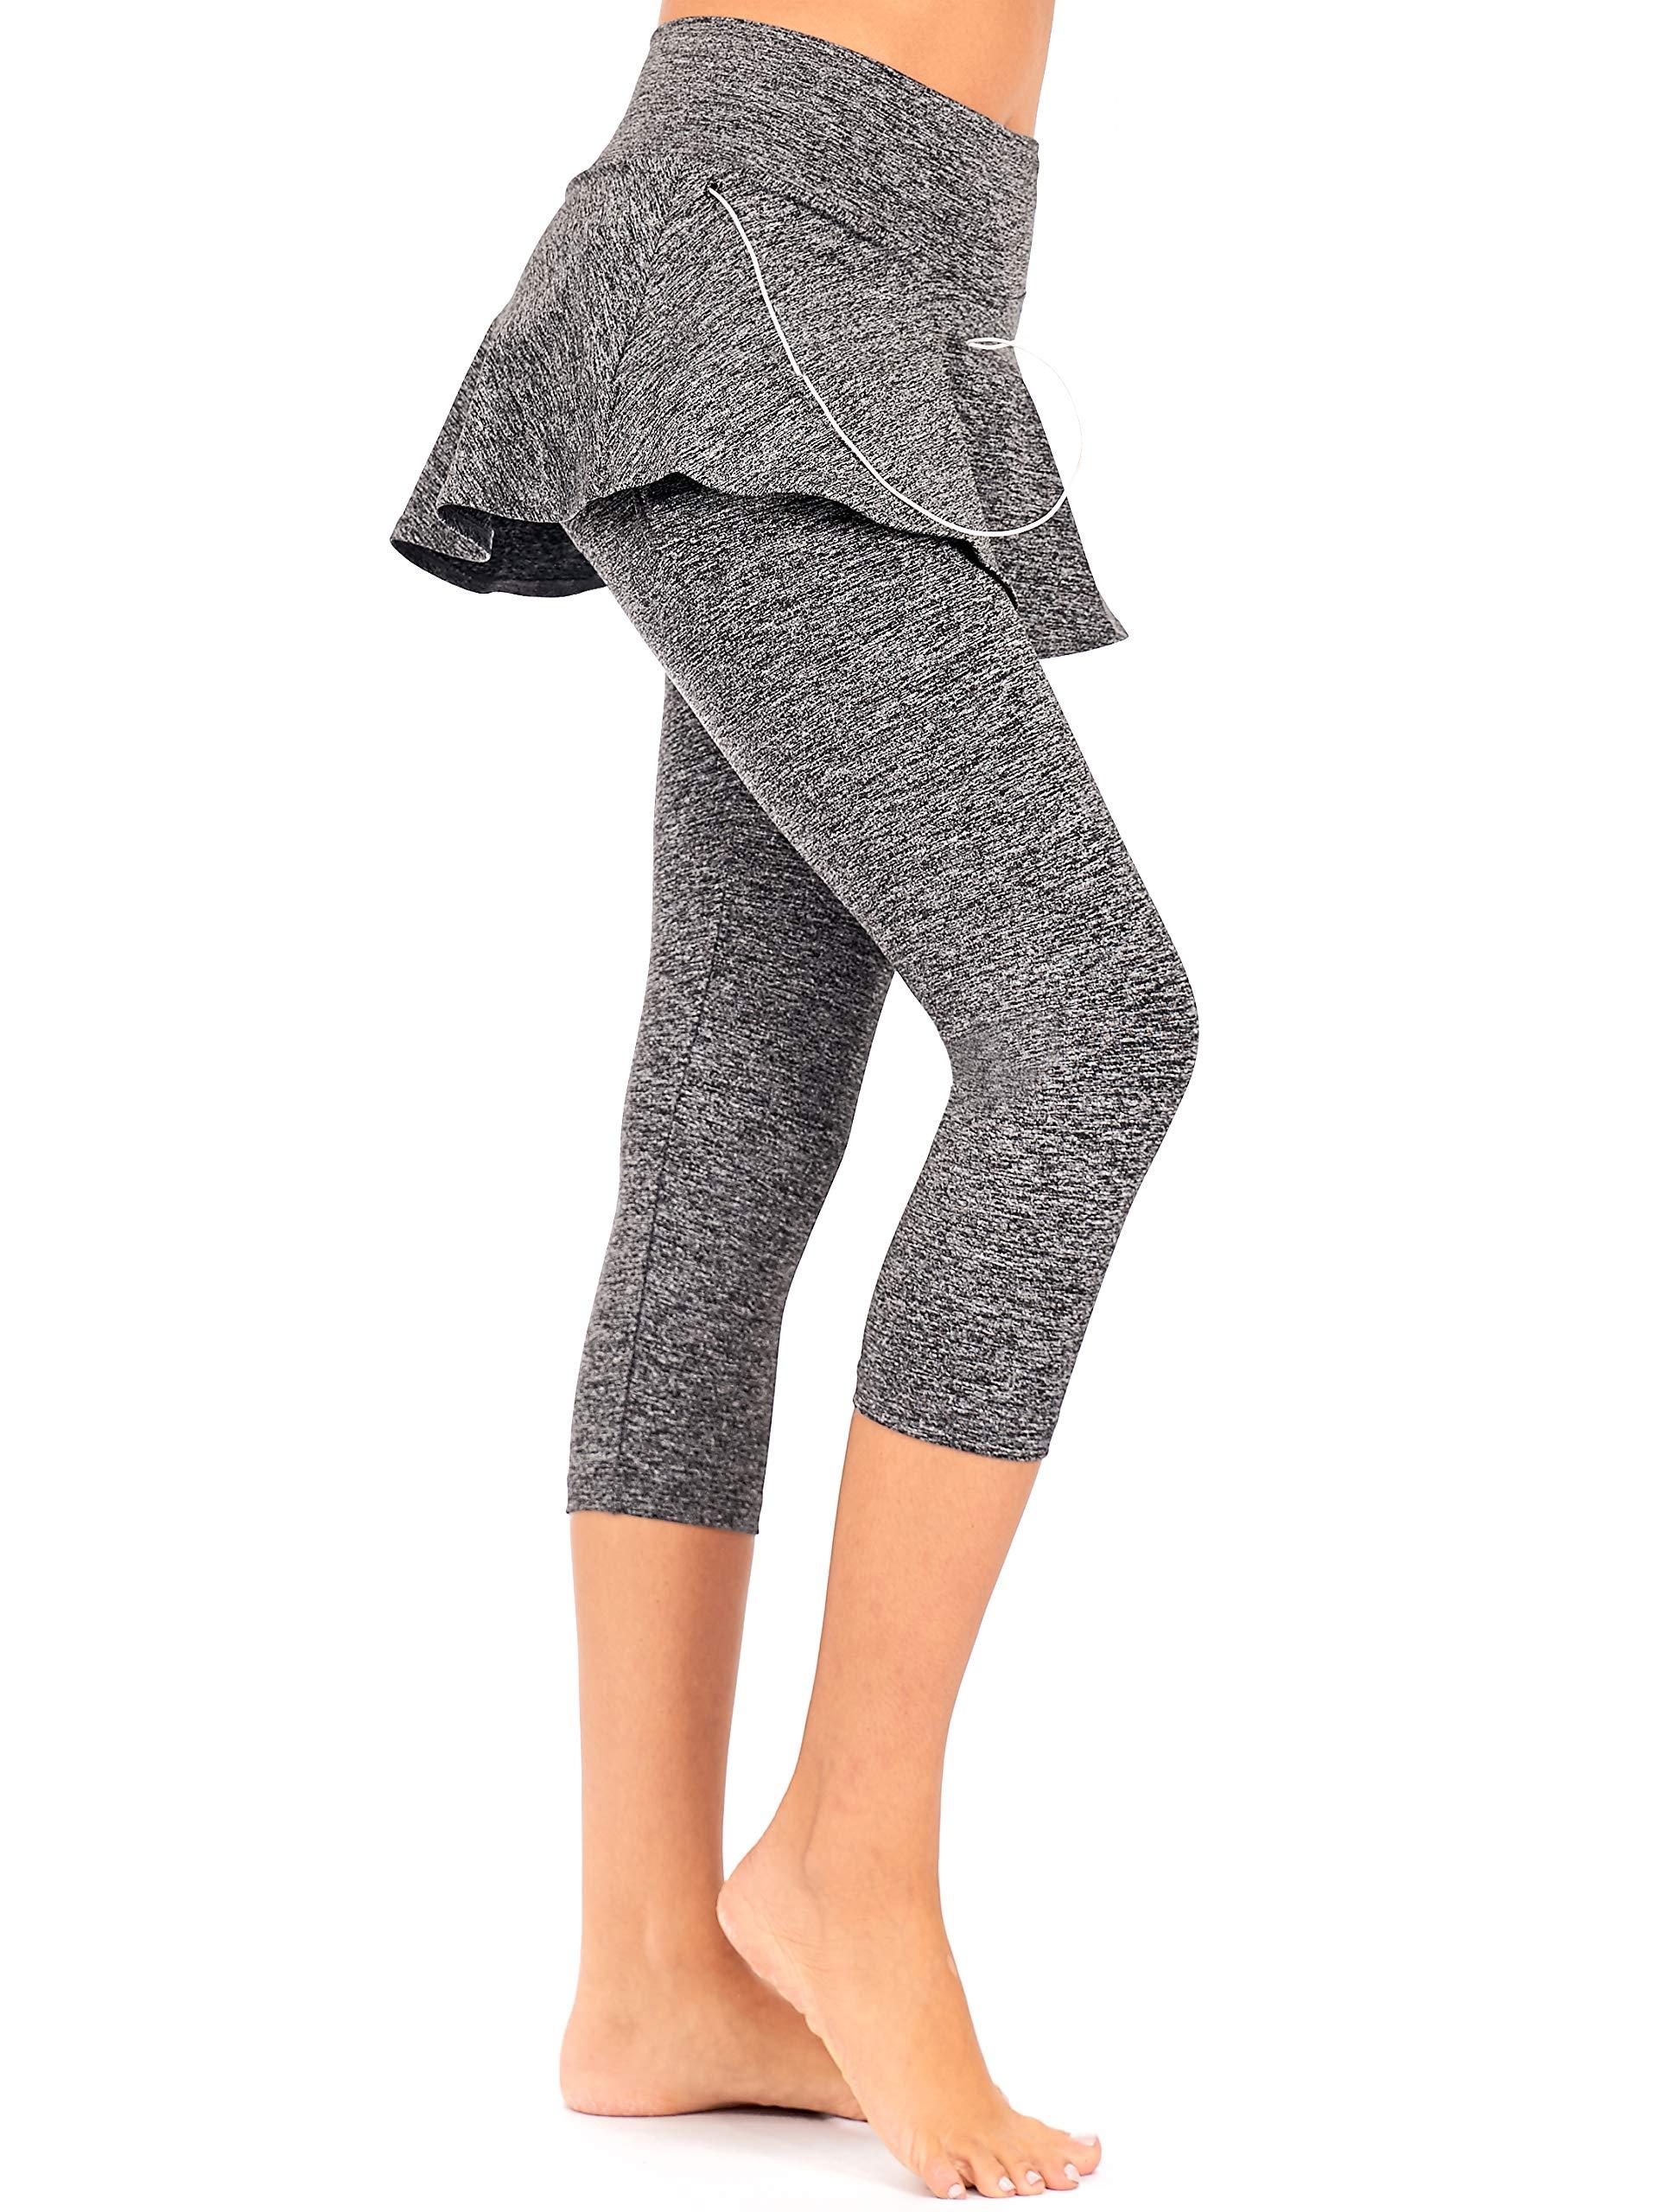 Dear Sparkle Skirted Capri Skirt Leggings For Women Yoga Tennis Golf Skapri W Pockets Plus Size S19